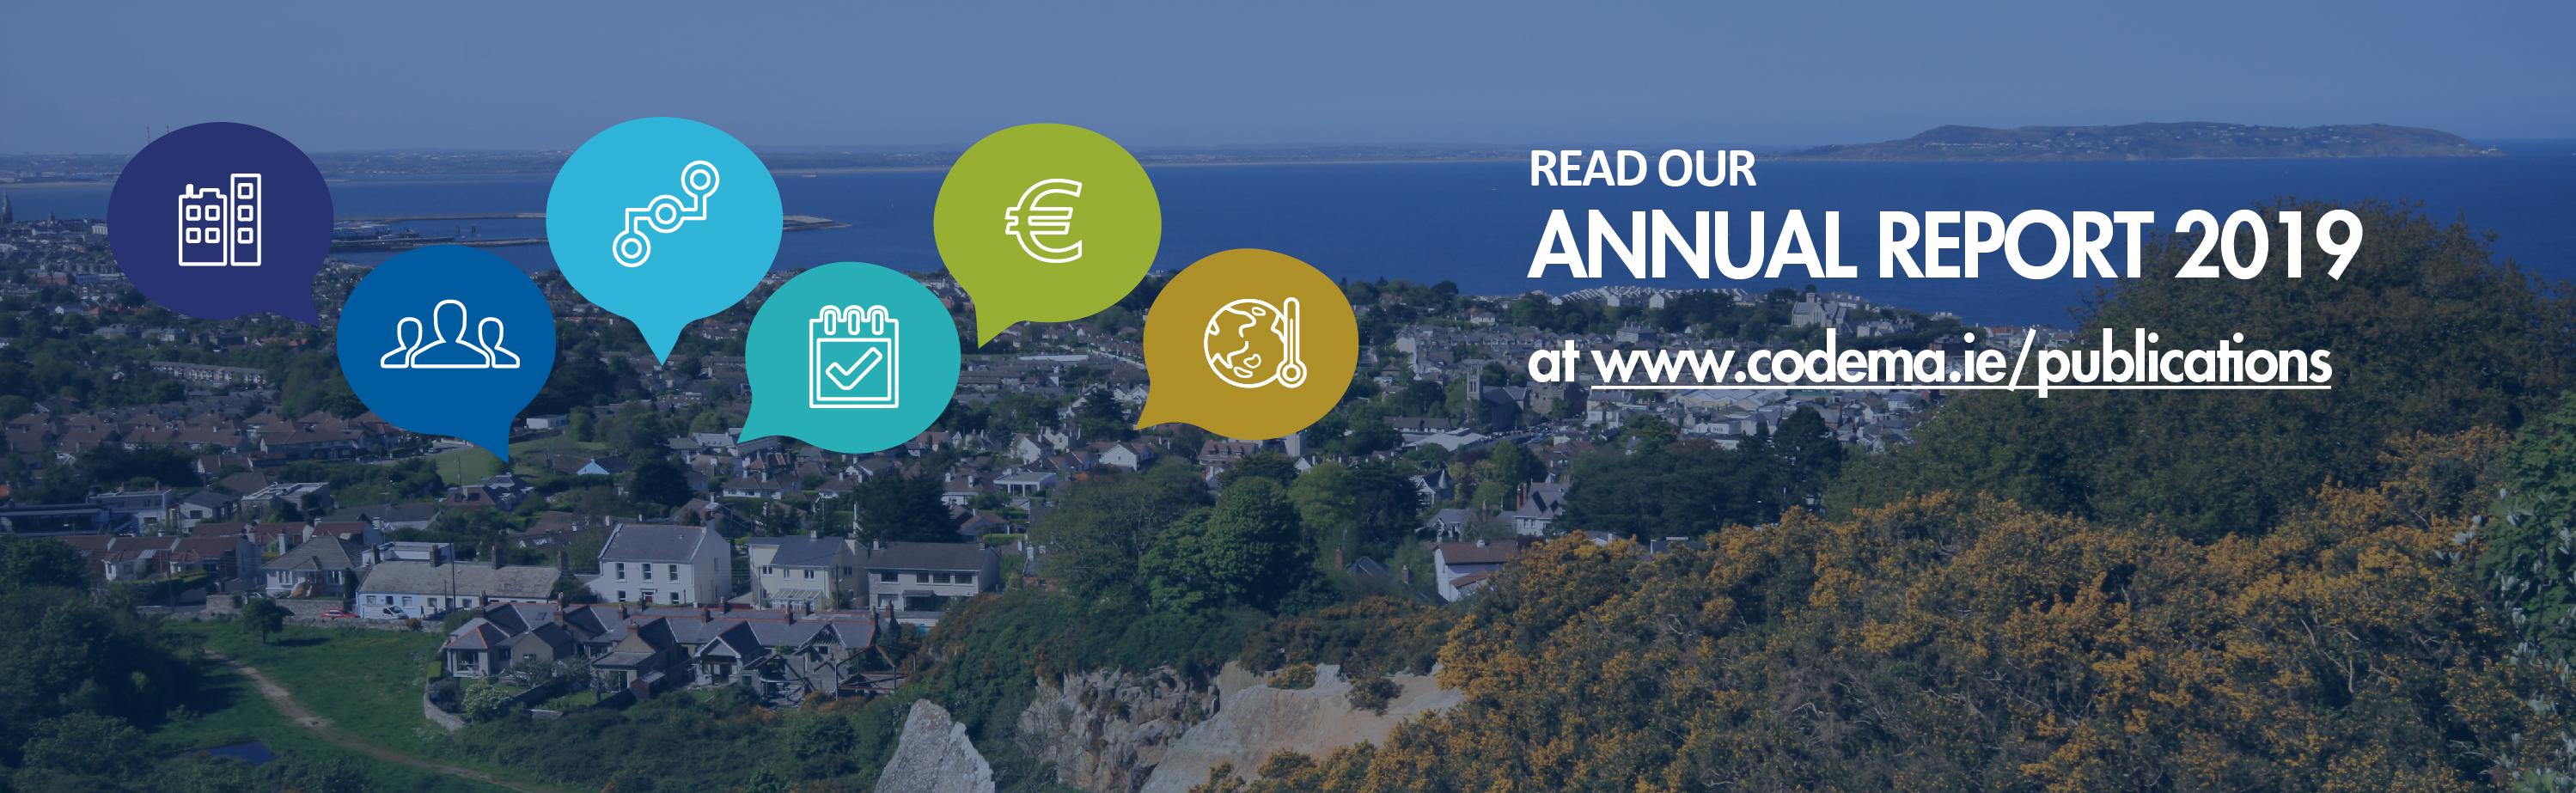 Codema Annual Report 2019